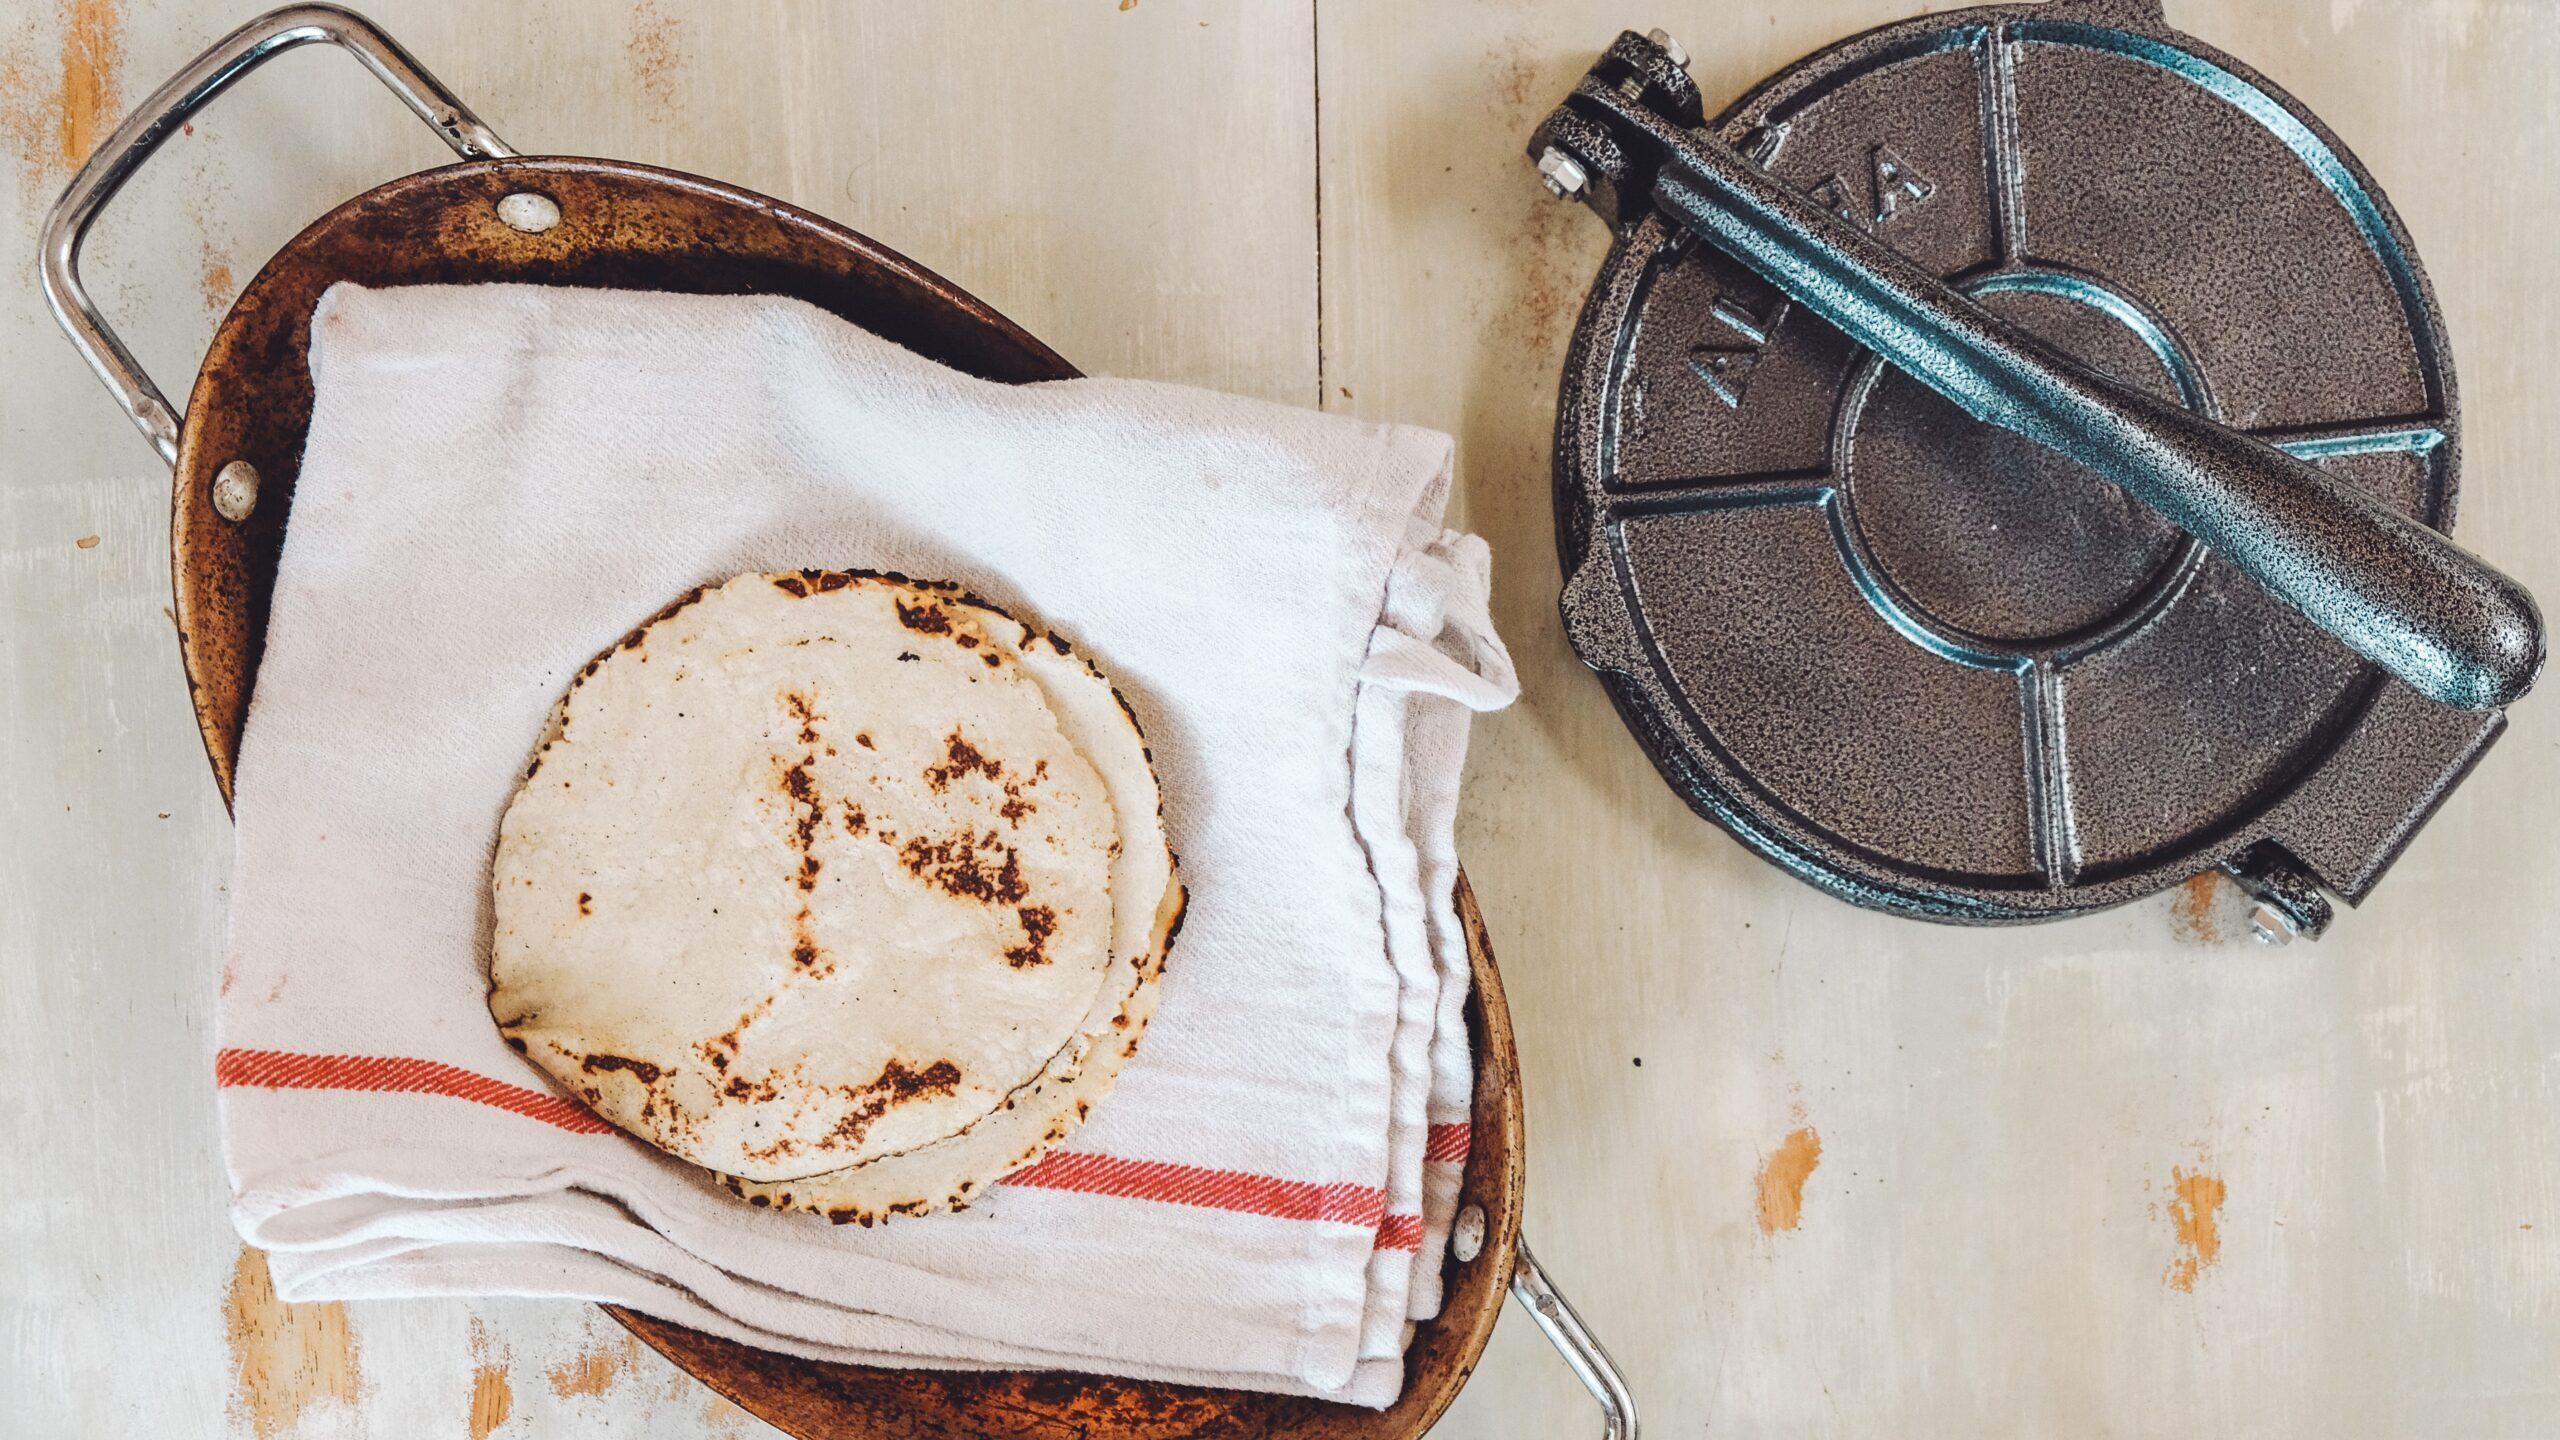 La tortilla hecha a mano, más cara pero más buscada